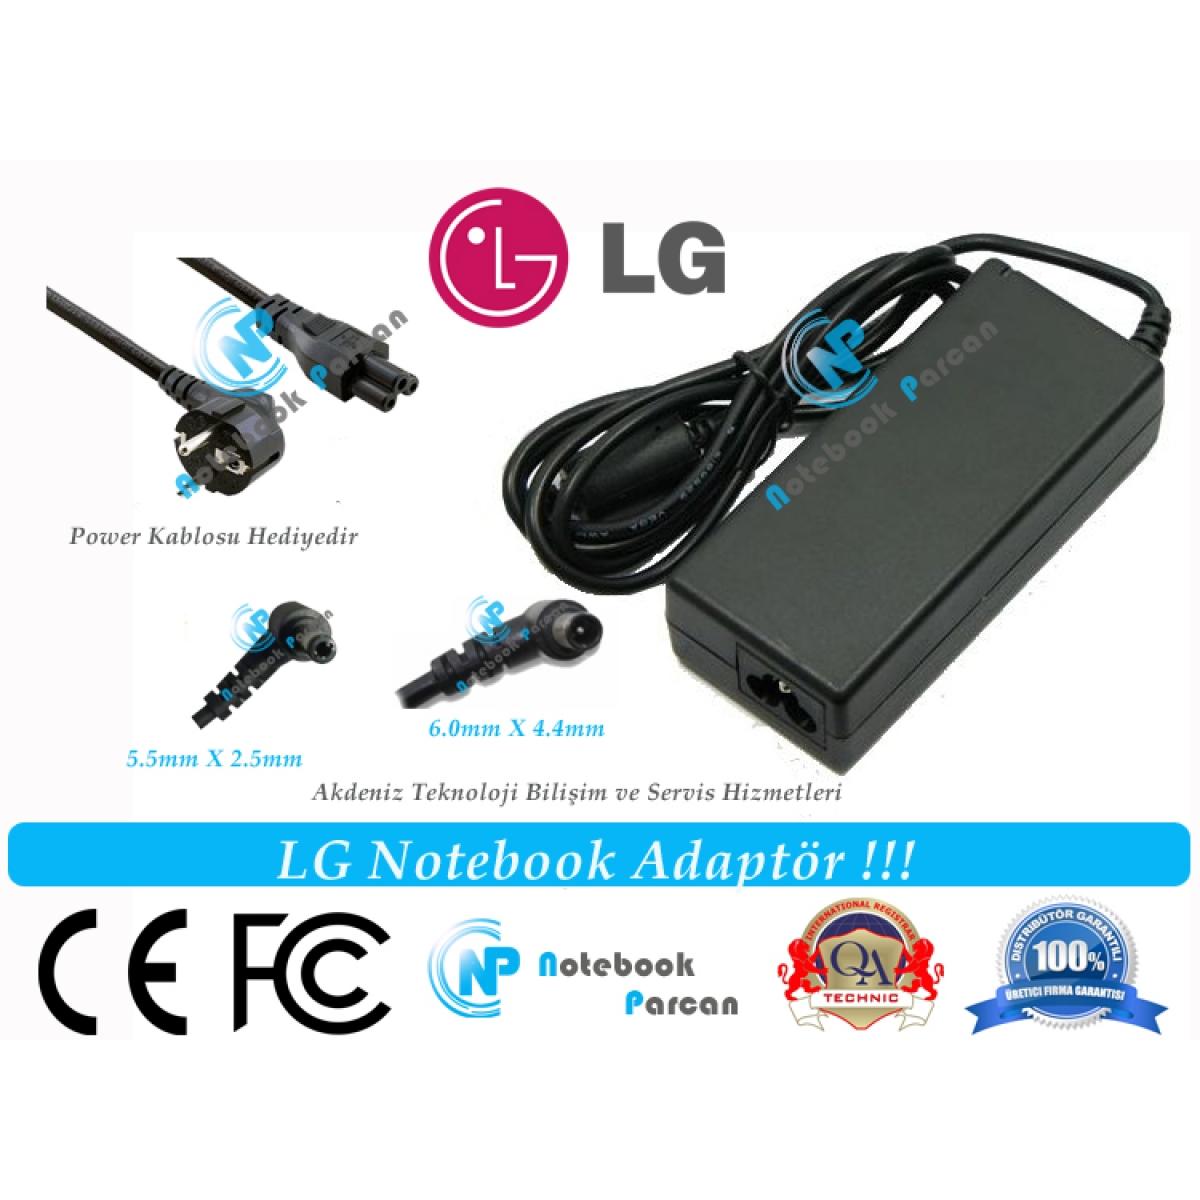 LG A515 LGA51 PA-1900-08 ŞARJ ADAPTÖR ŞARJI